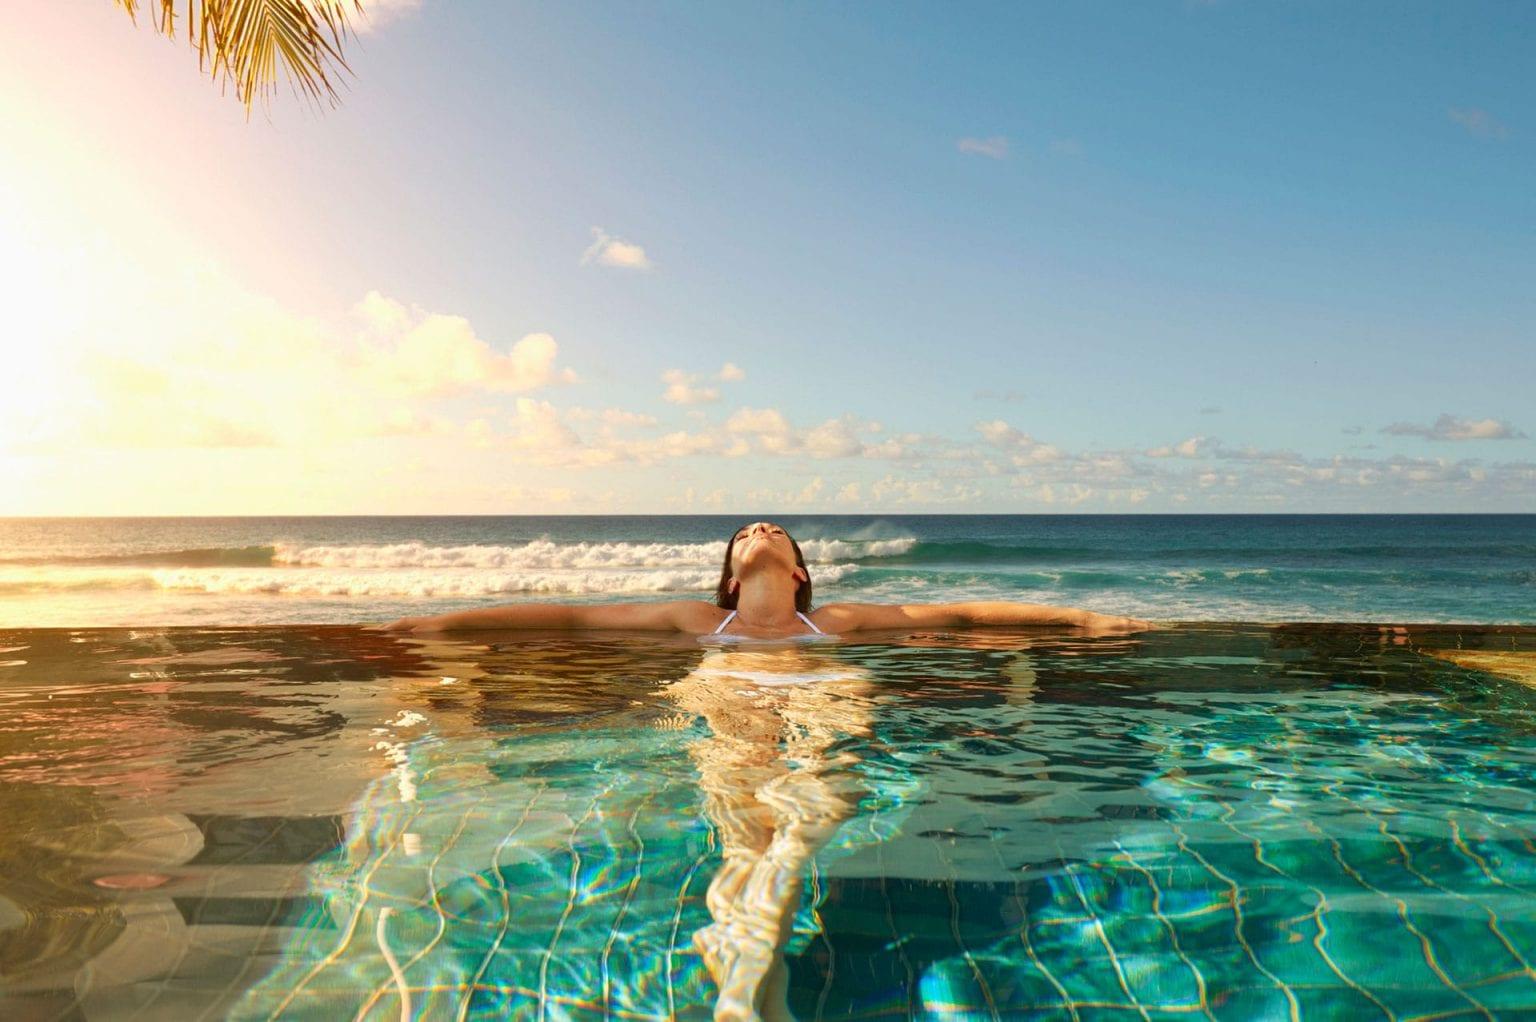 Woman Relaxing in Pool at The St. Regis Longboat Key Resort